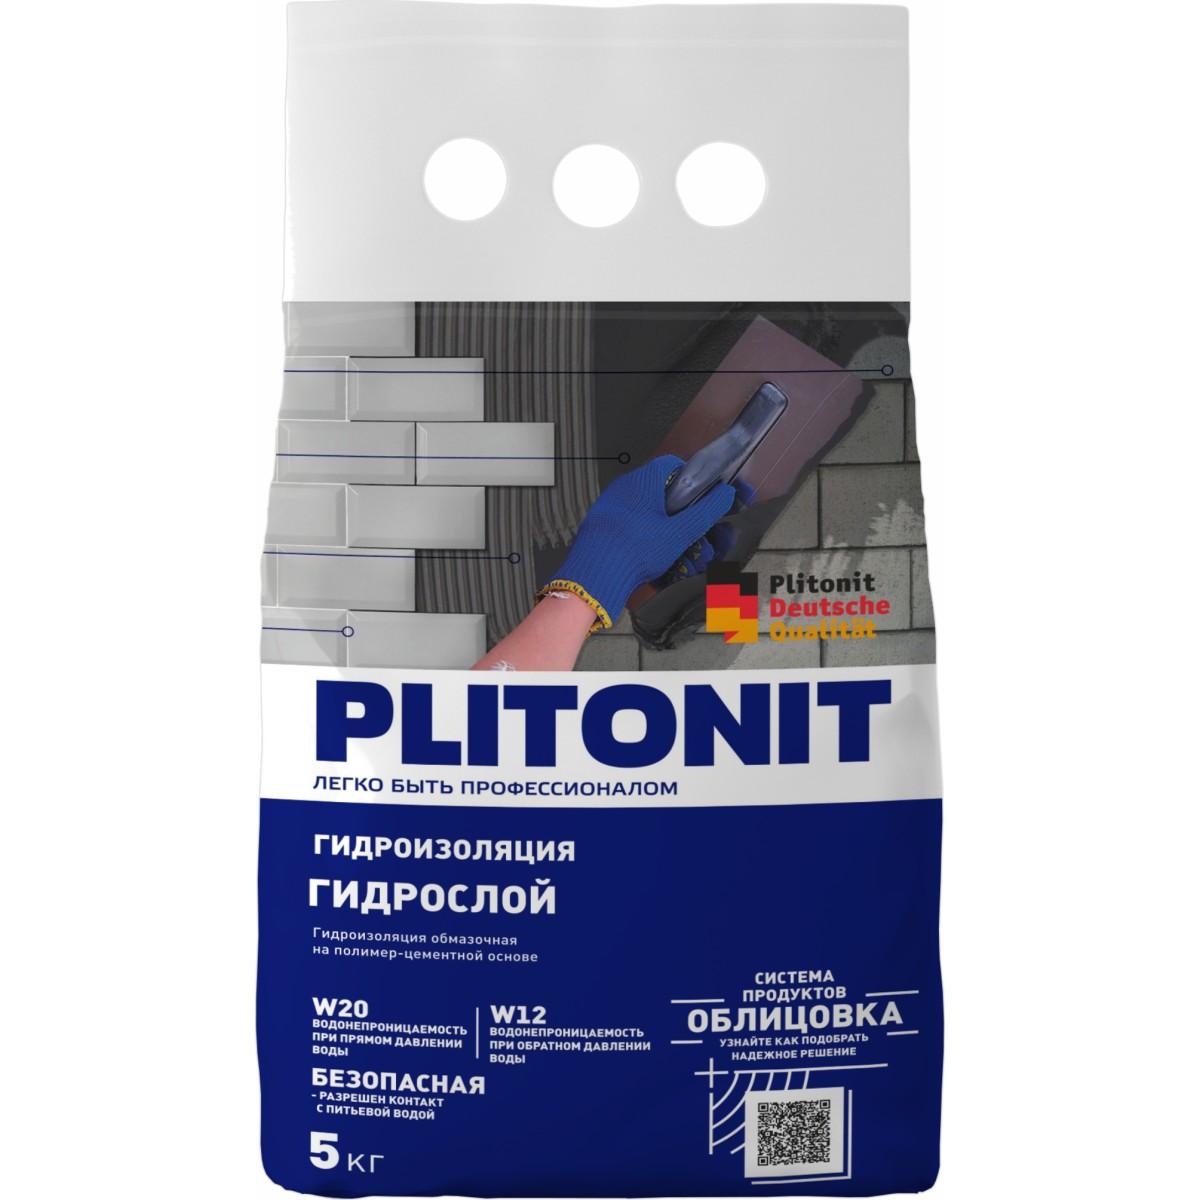 Гидроизоляция Plitonit «Гидрослой» 5кг